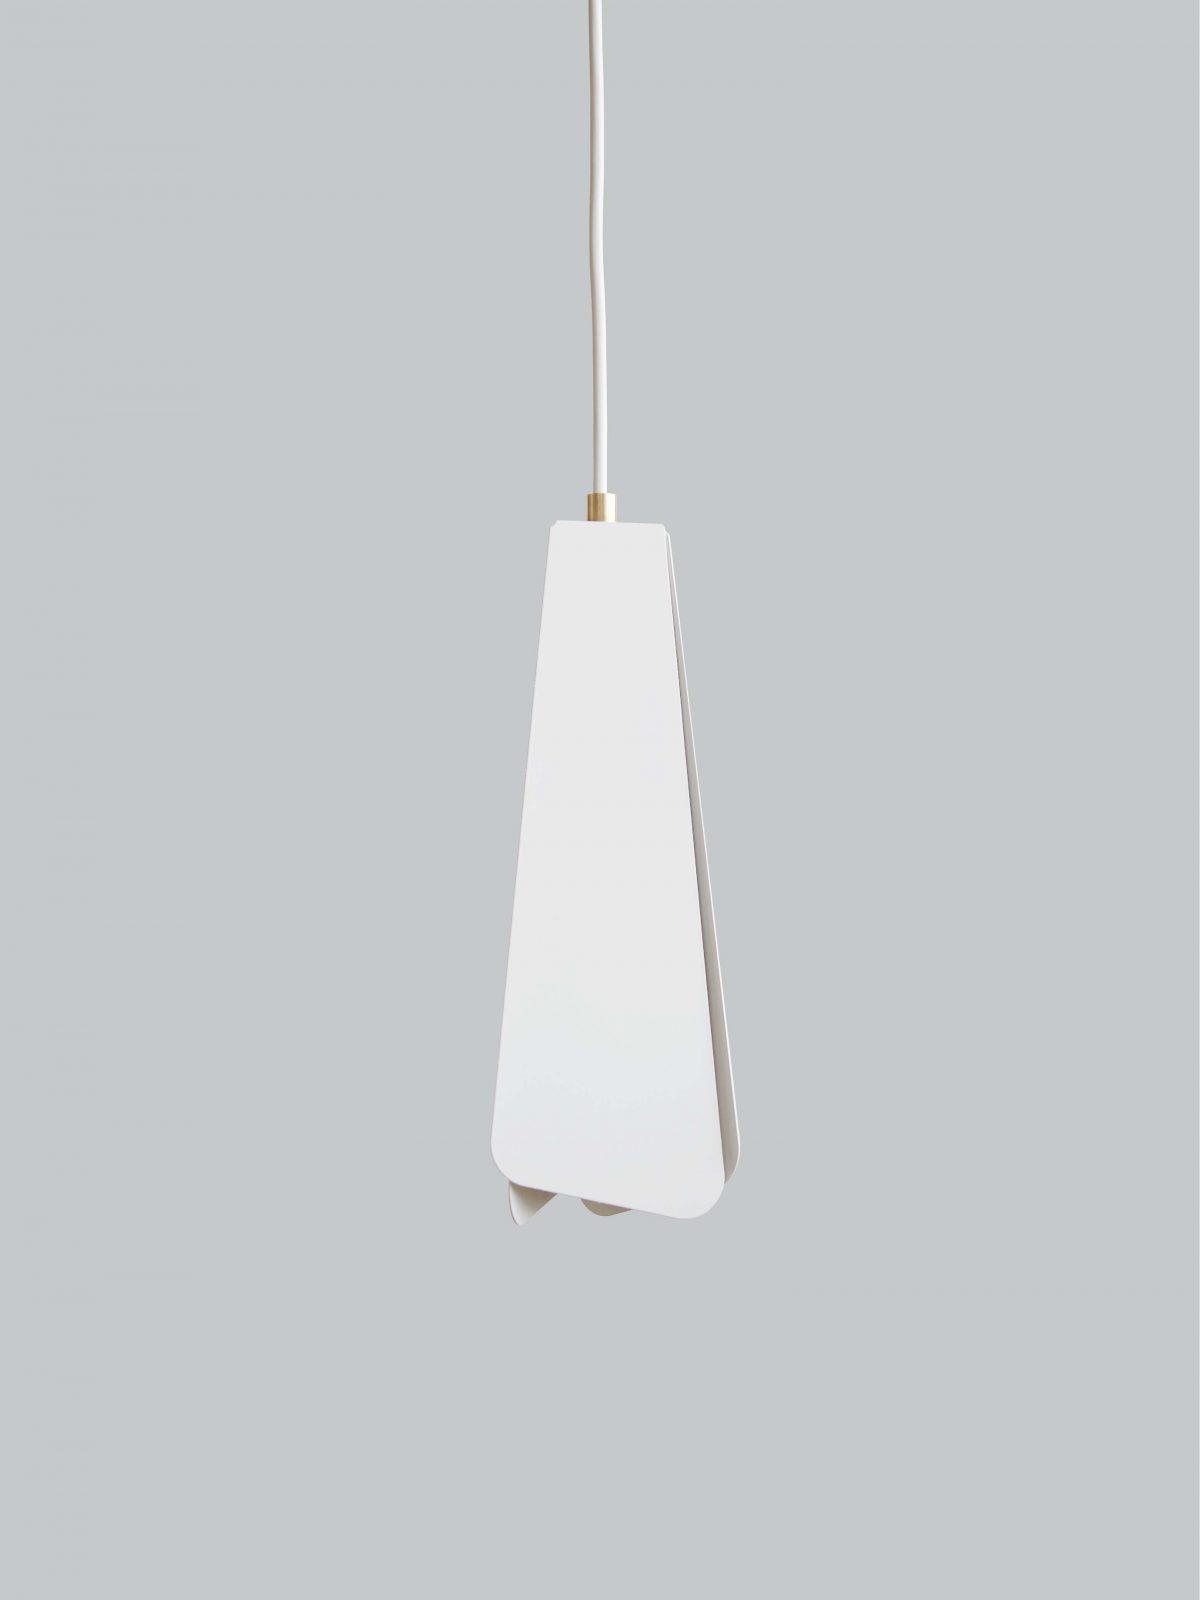 Invert hanglamp Oato – Gimmii